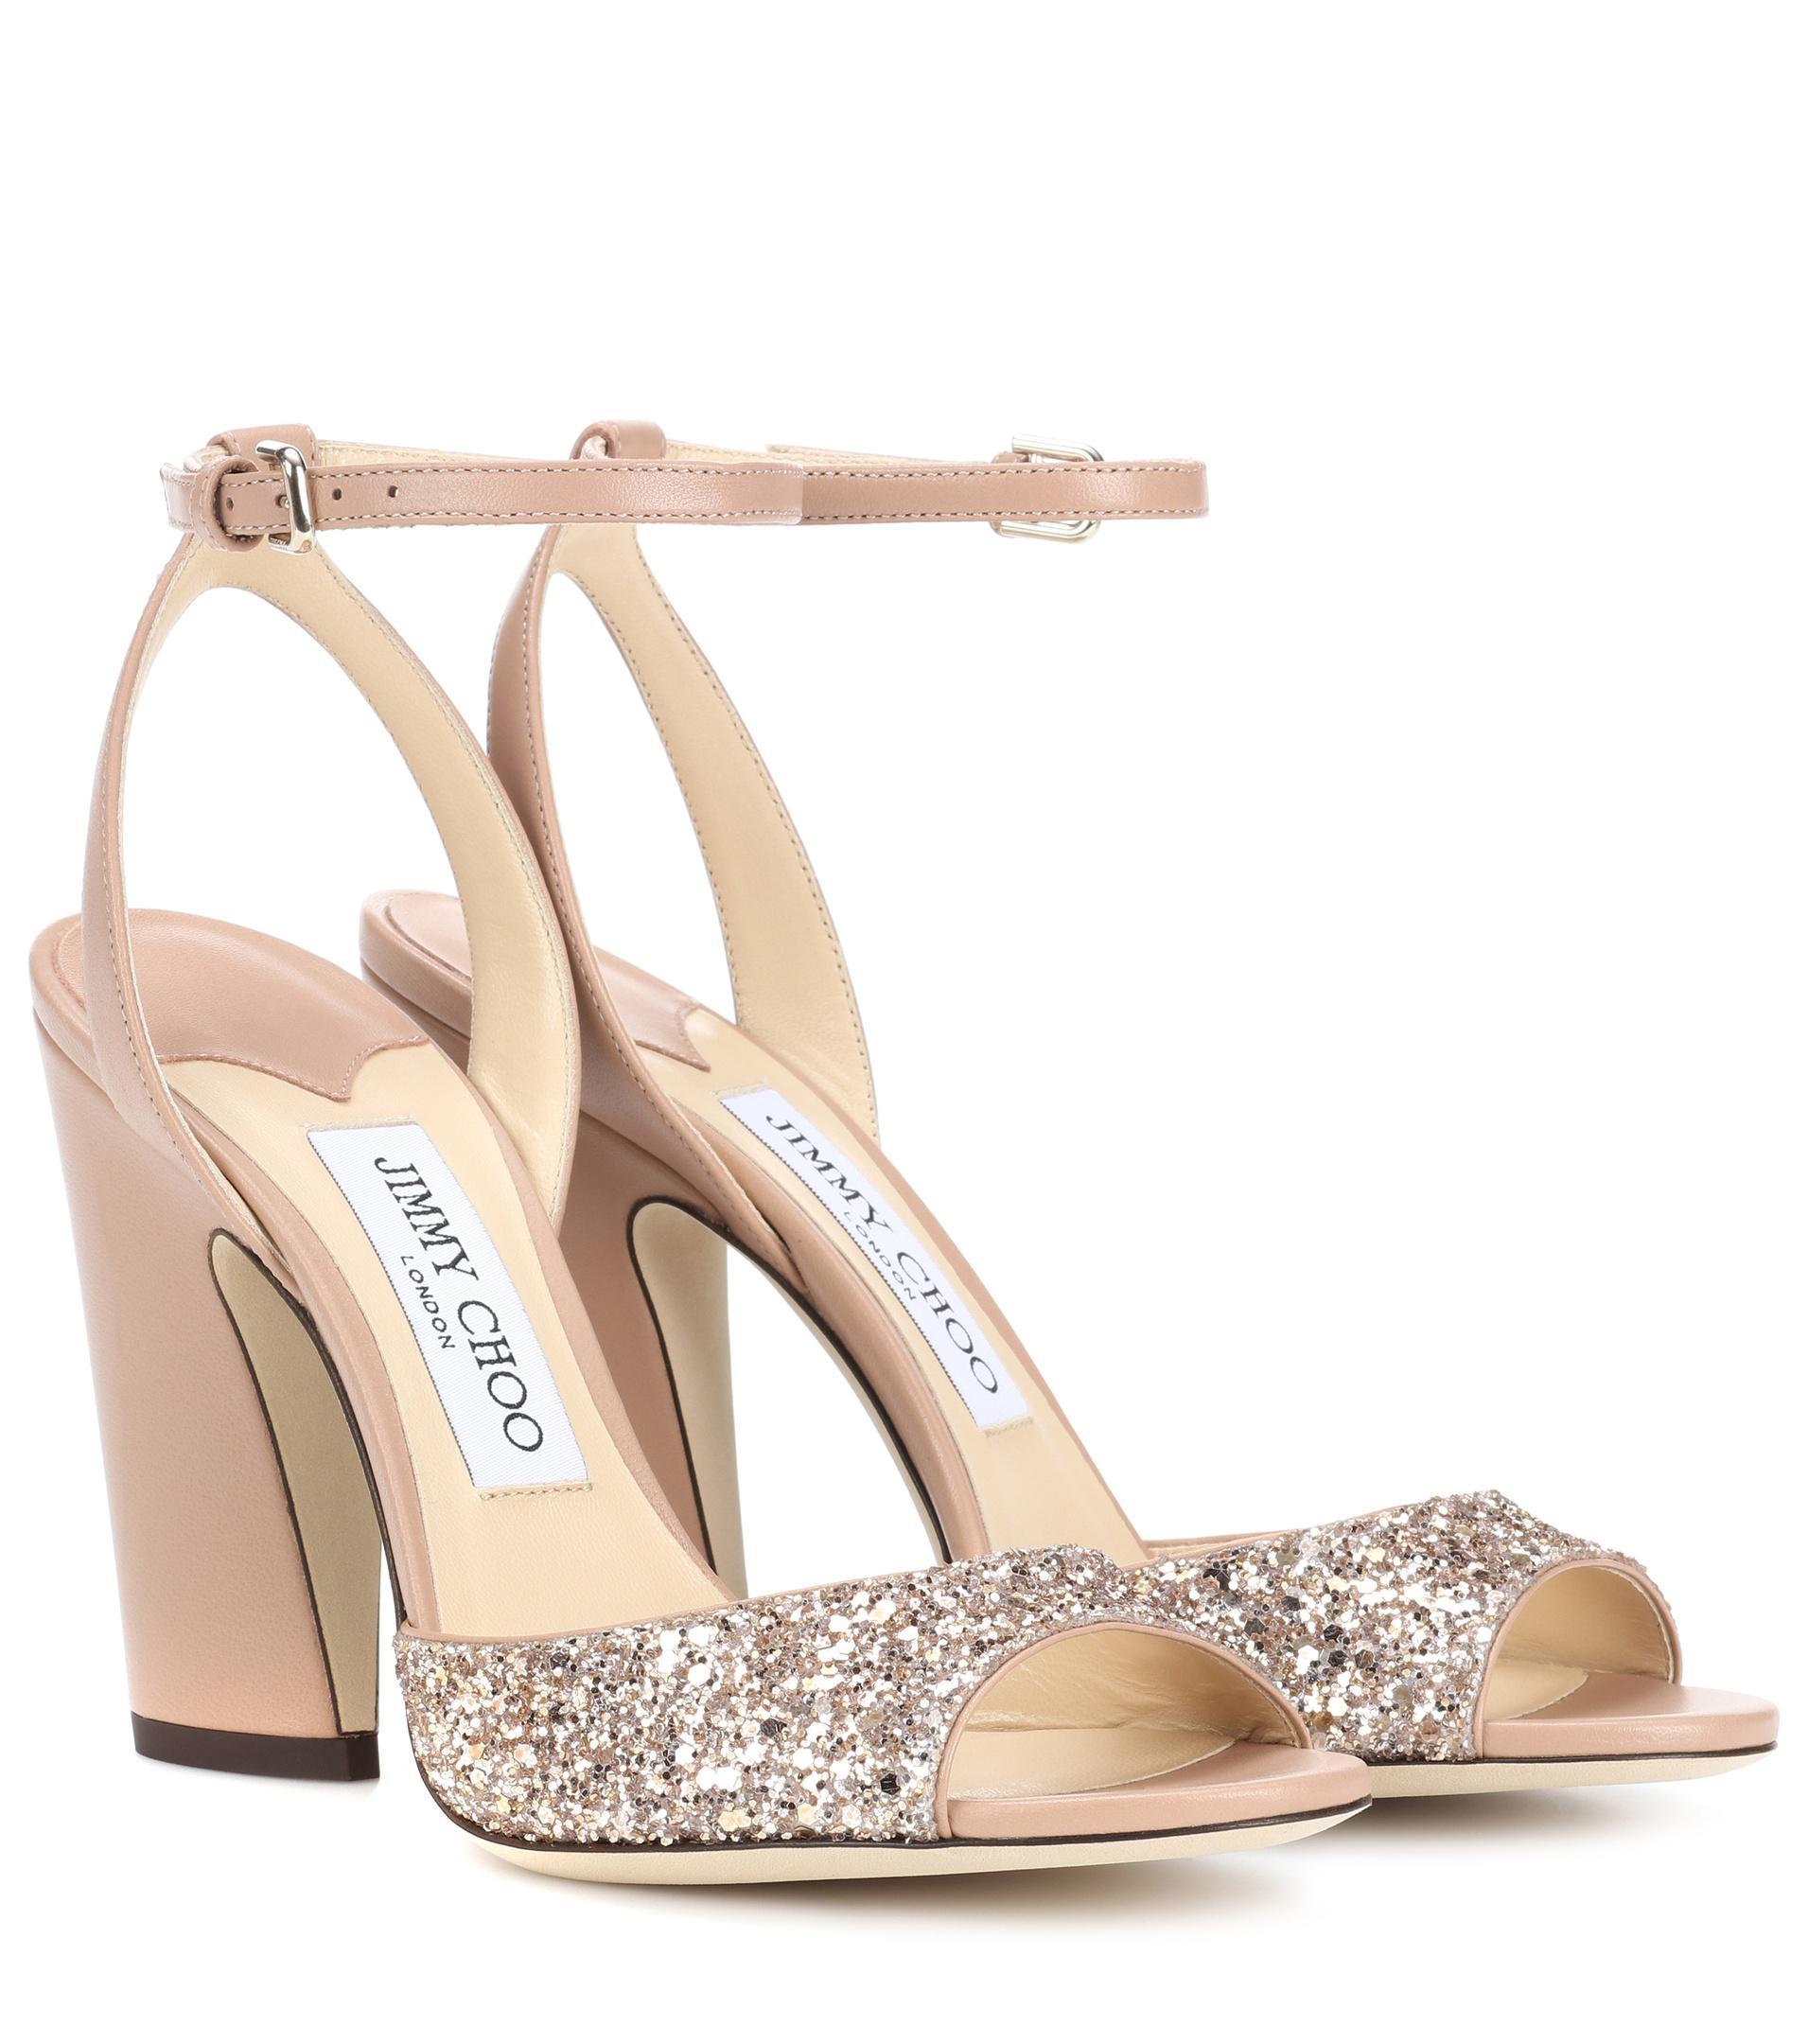 Jimmy Choo Miranda sandals buy cheap discount Tn3uswJM